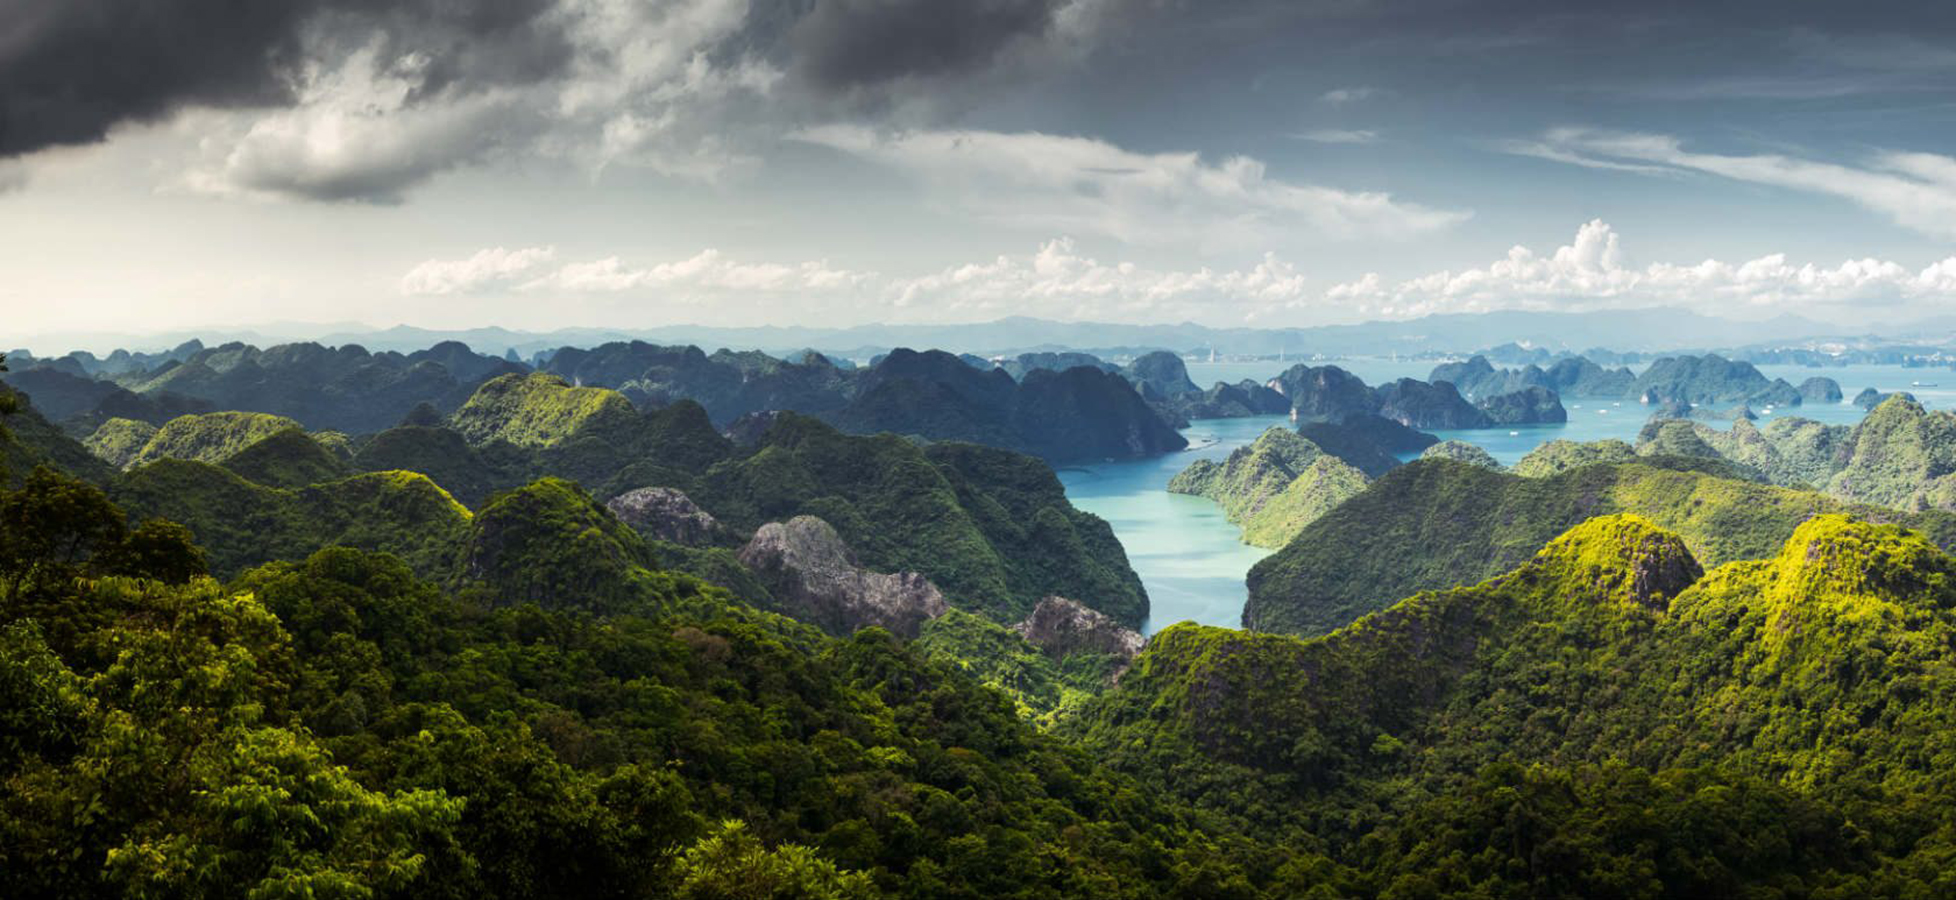 10 điểm đến đẹp nhất Việt Nam do khách Tây bình chọn - 11